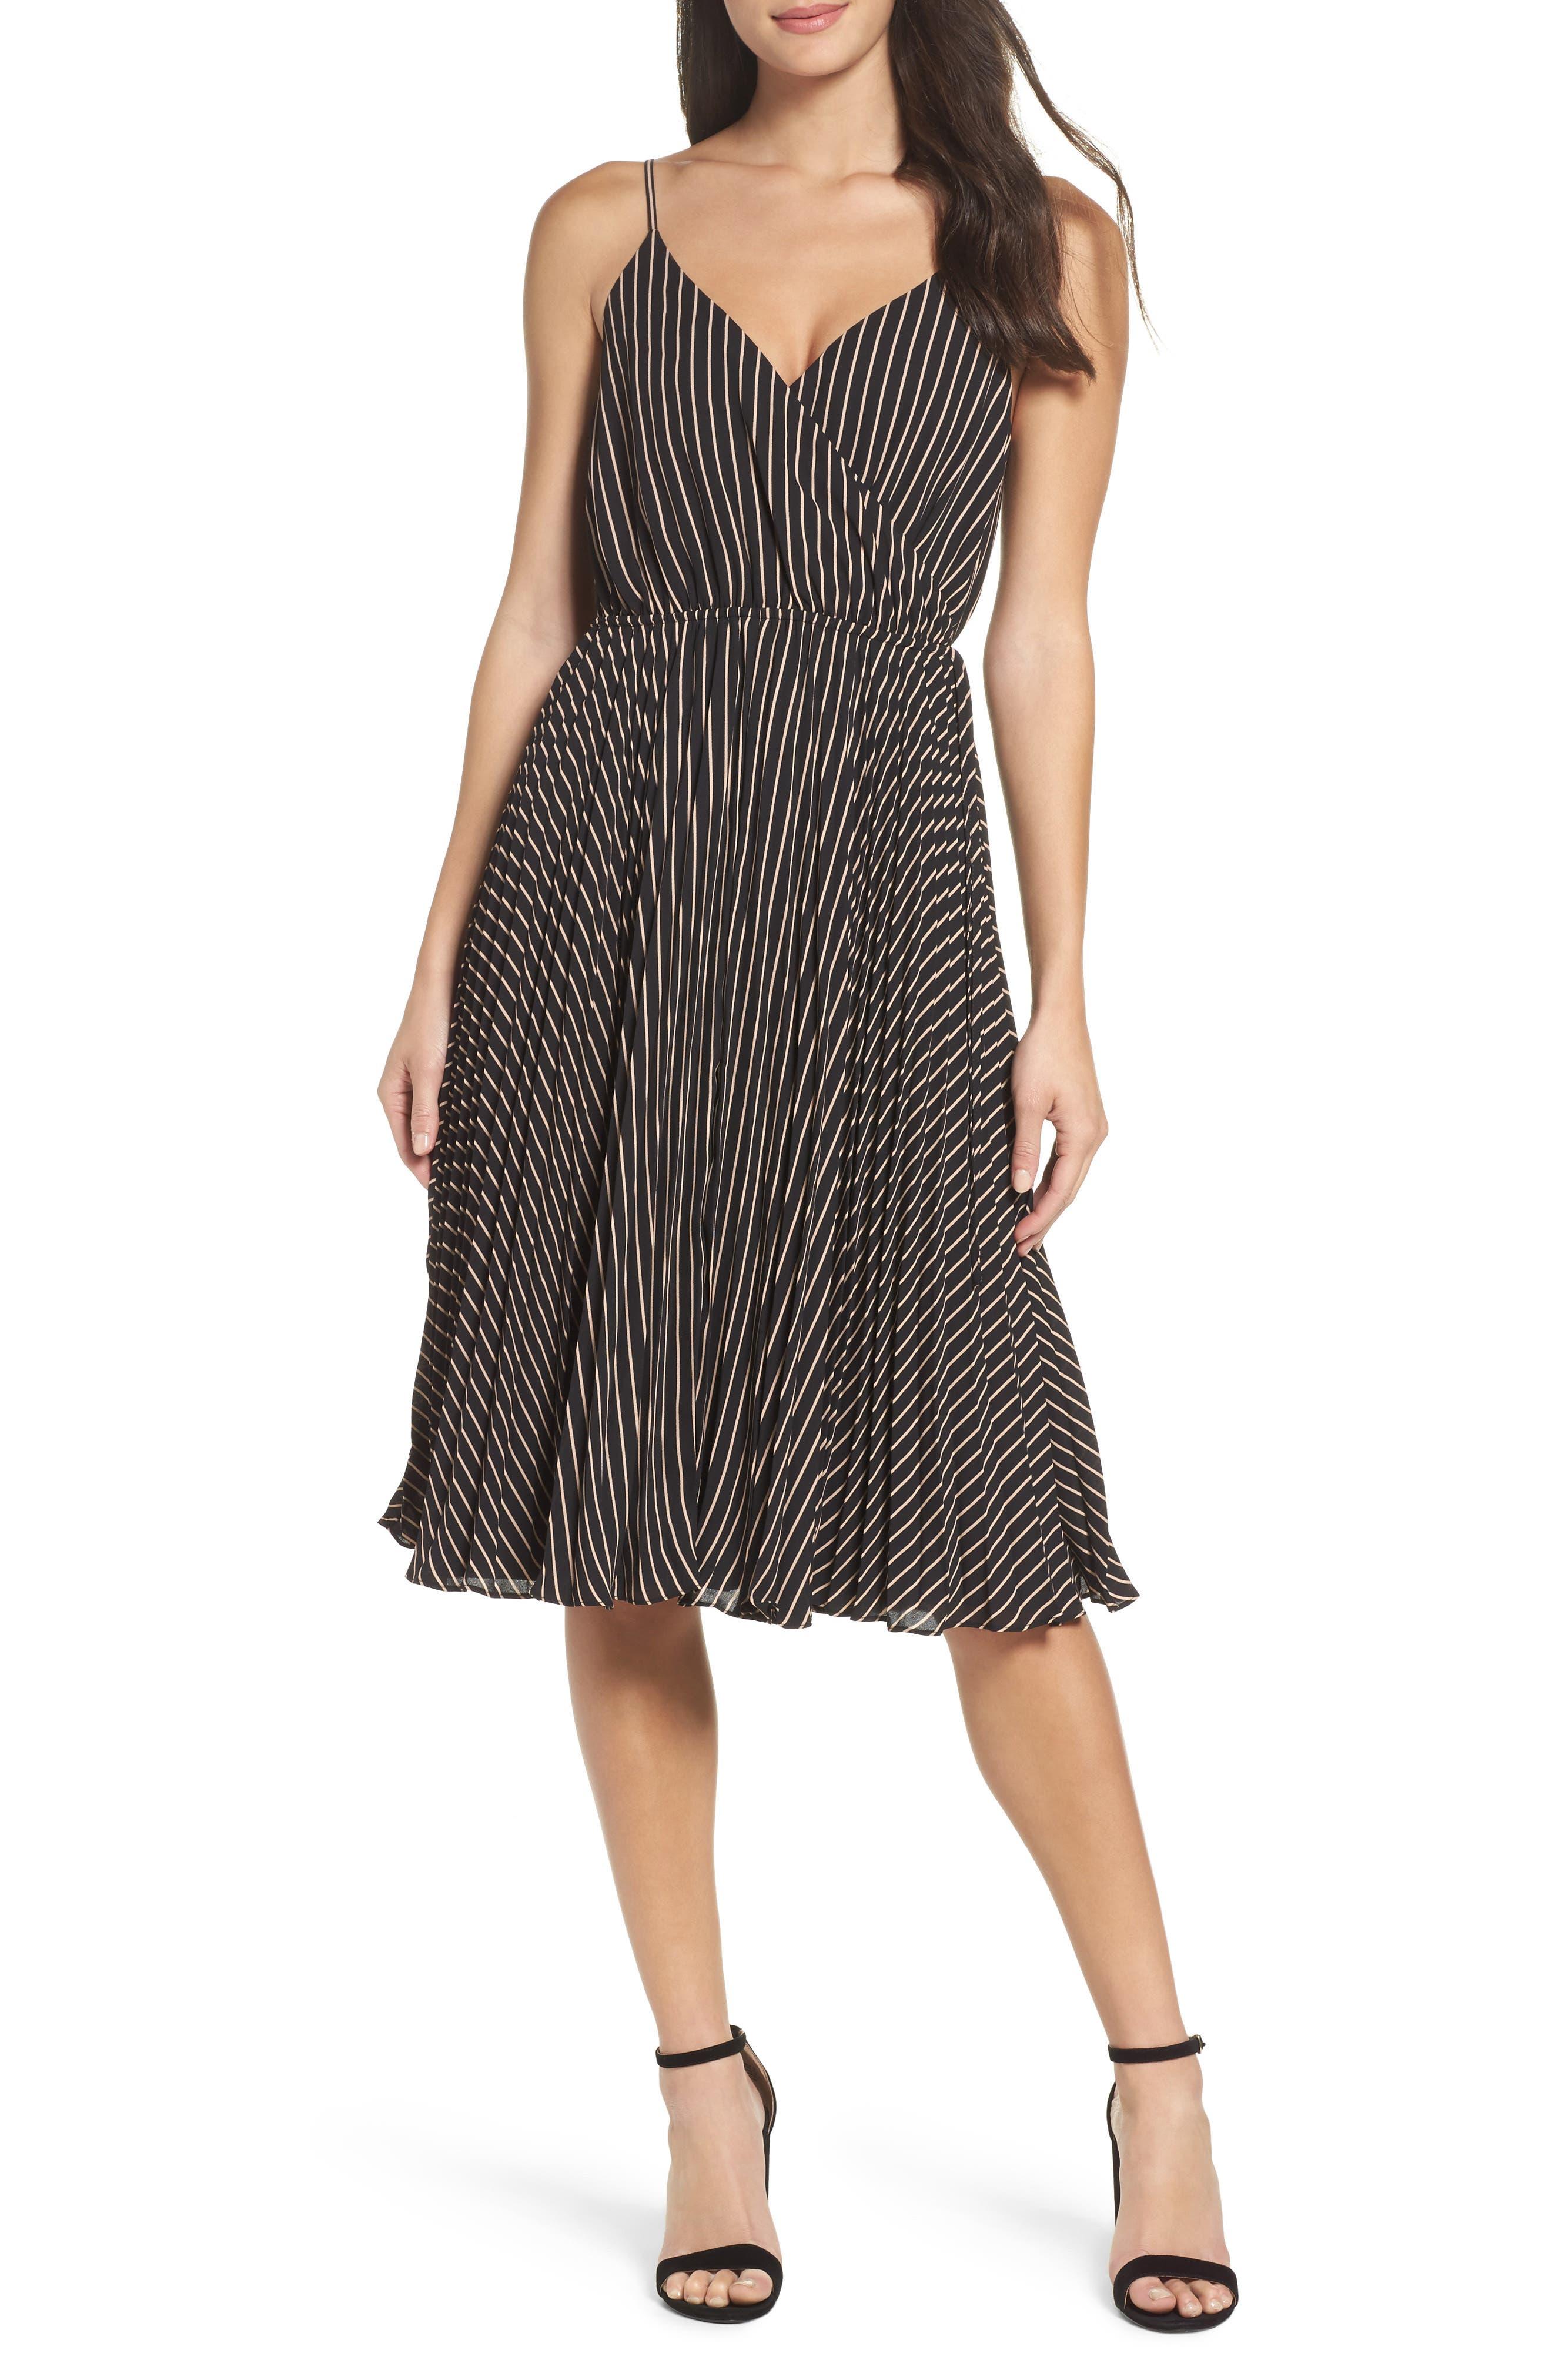 Like a Boss Midi Dress,                             Main thumbnail 1, color,                             Black/ Tan Stripe